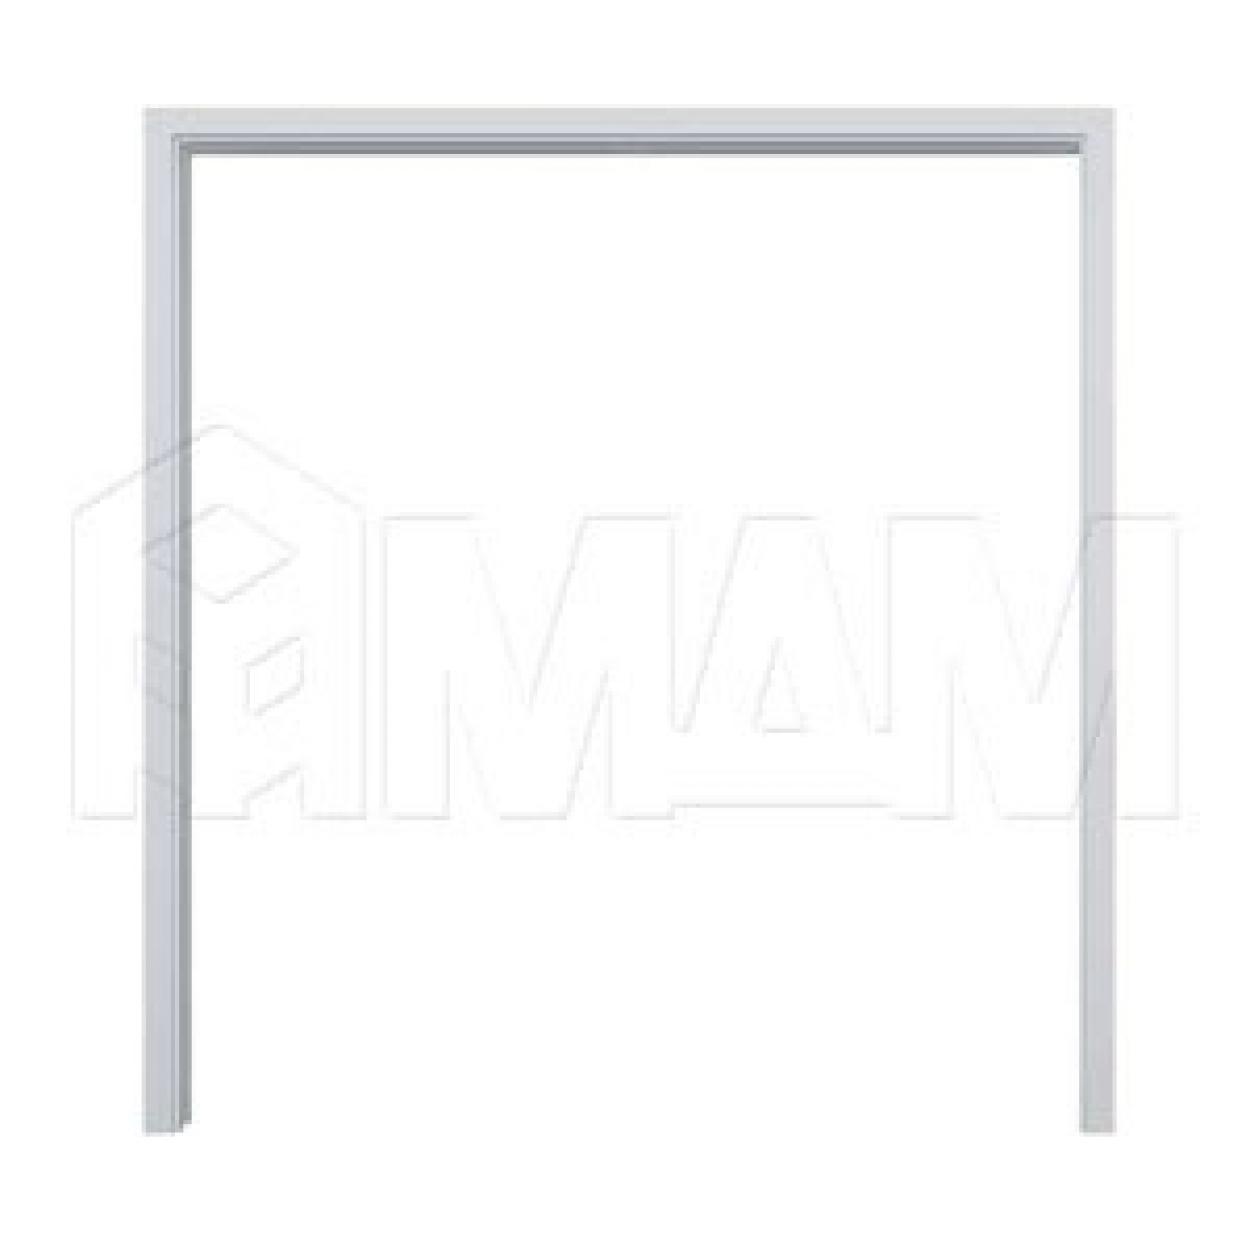 GUSTAVSON Рамка и наличники для двух дверей шириной 800 мм, толщина 125 мм, МДФ, белый